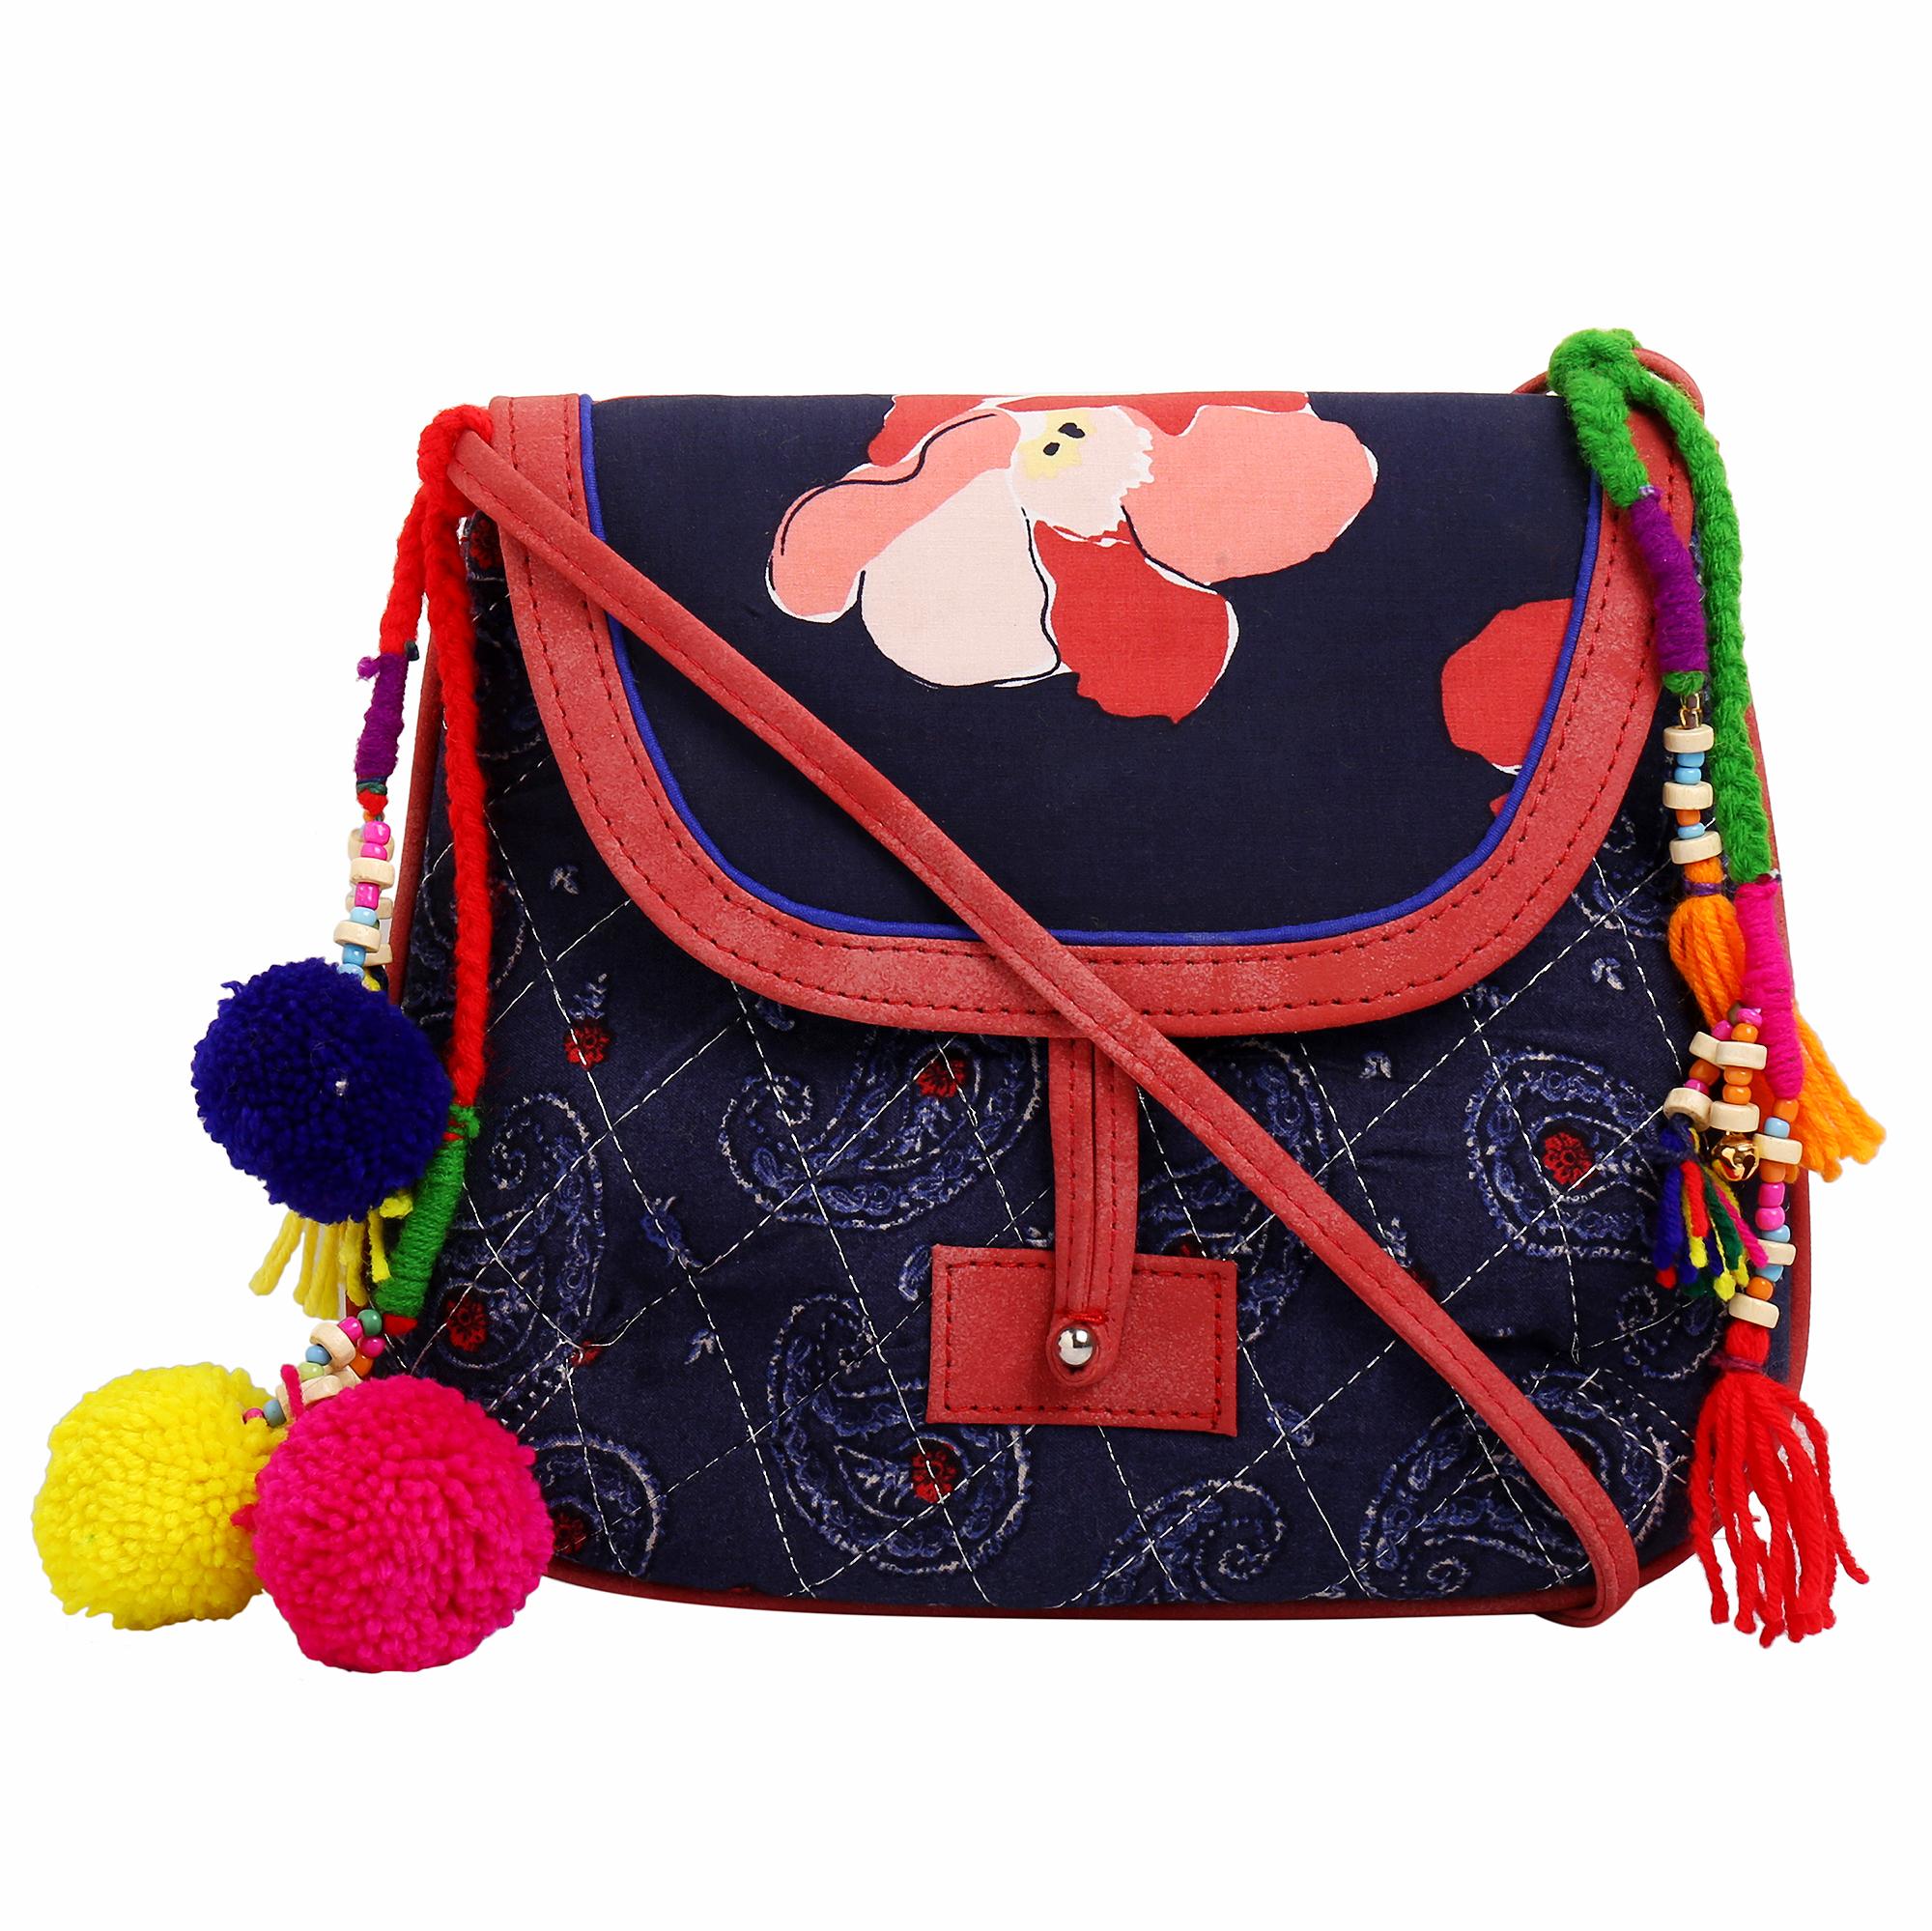 Fabric Vegan Sling Bags_7